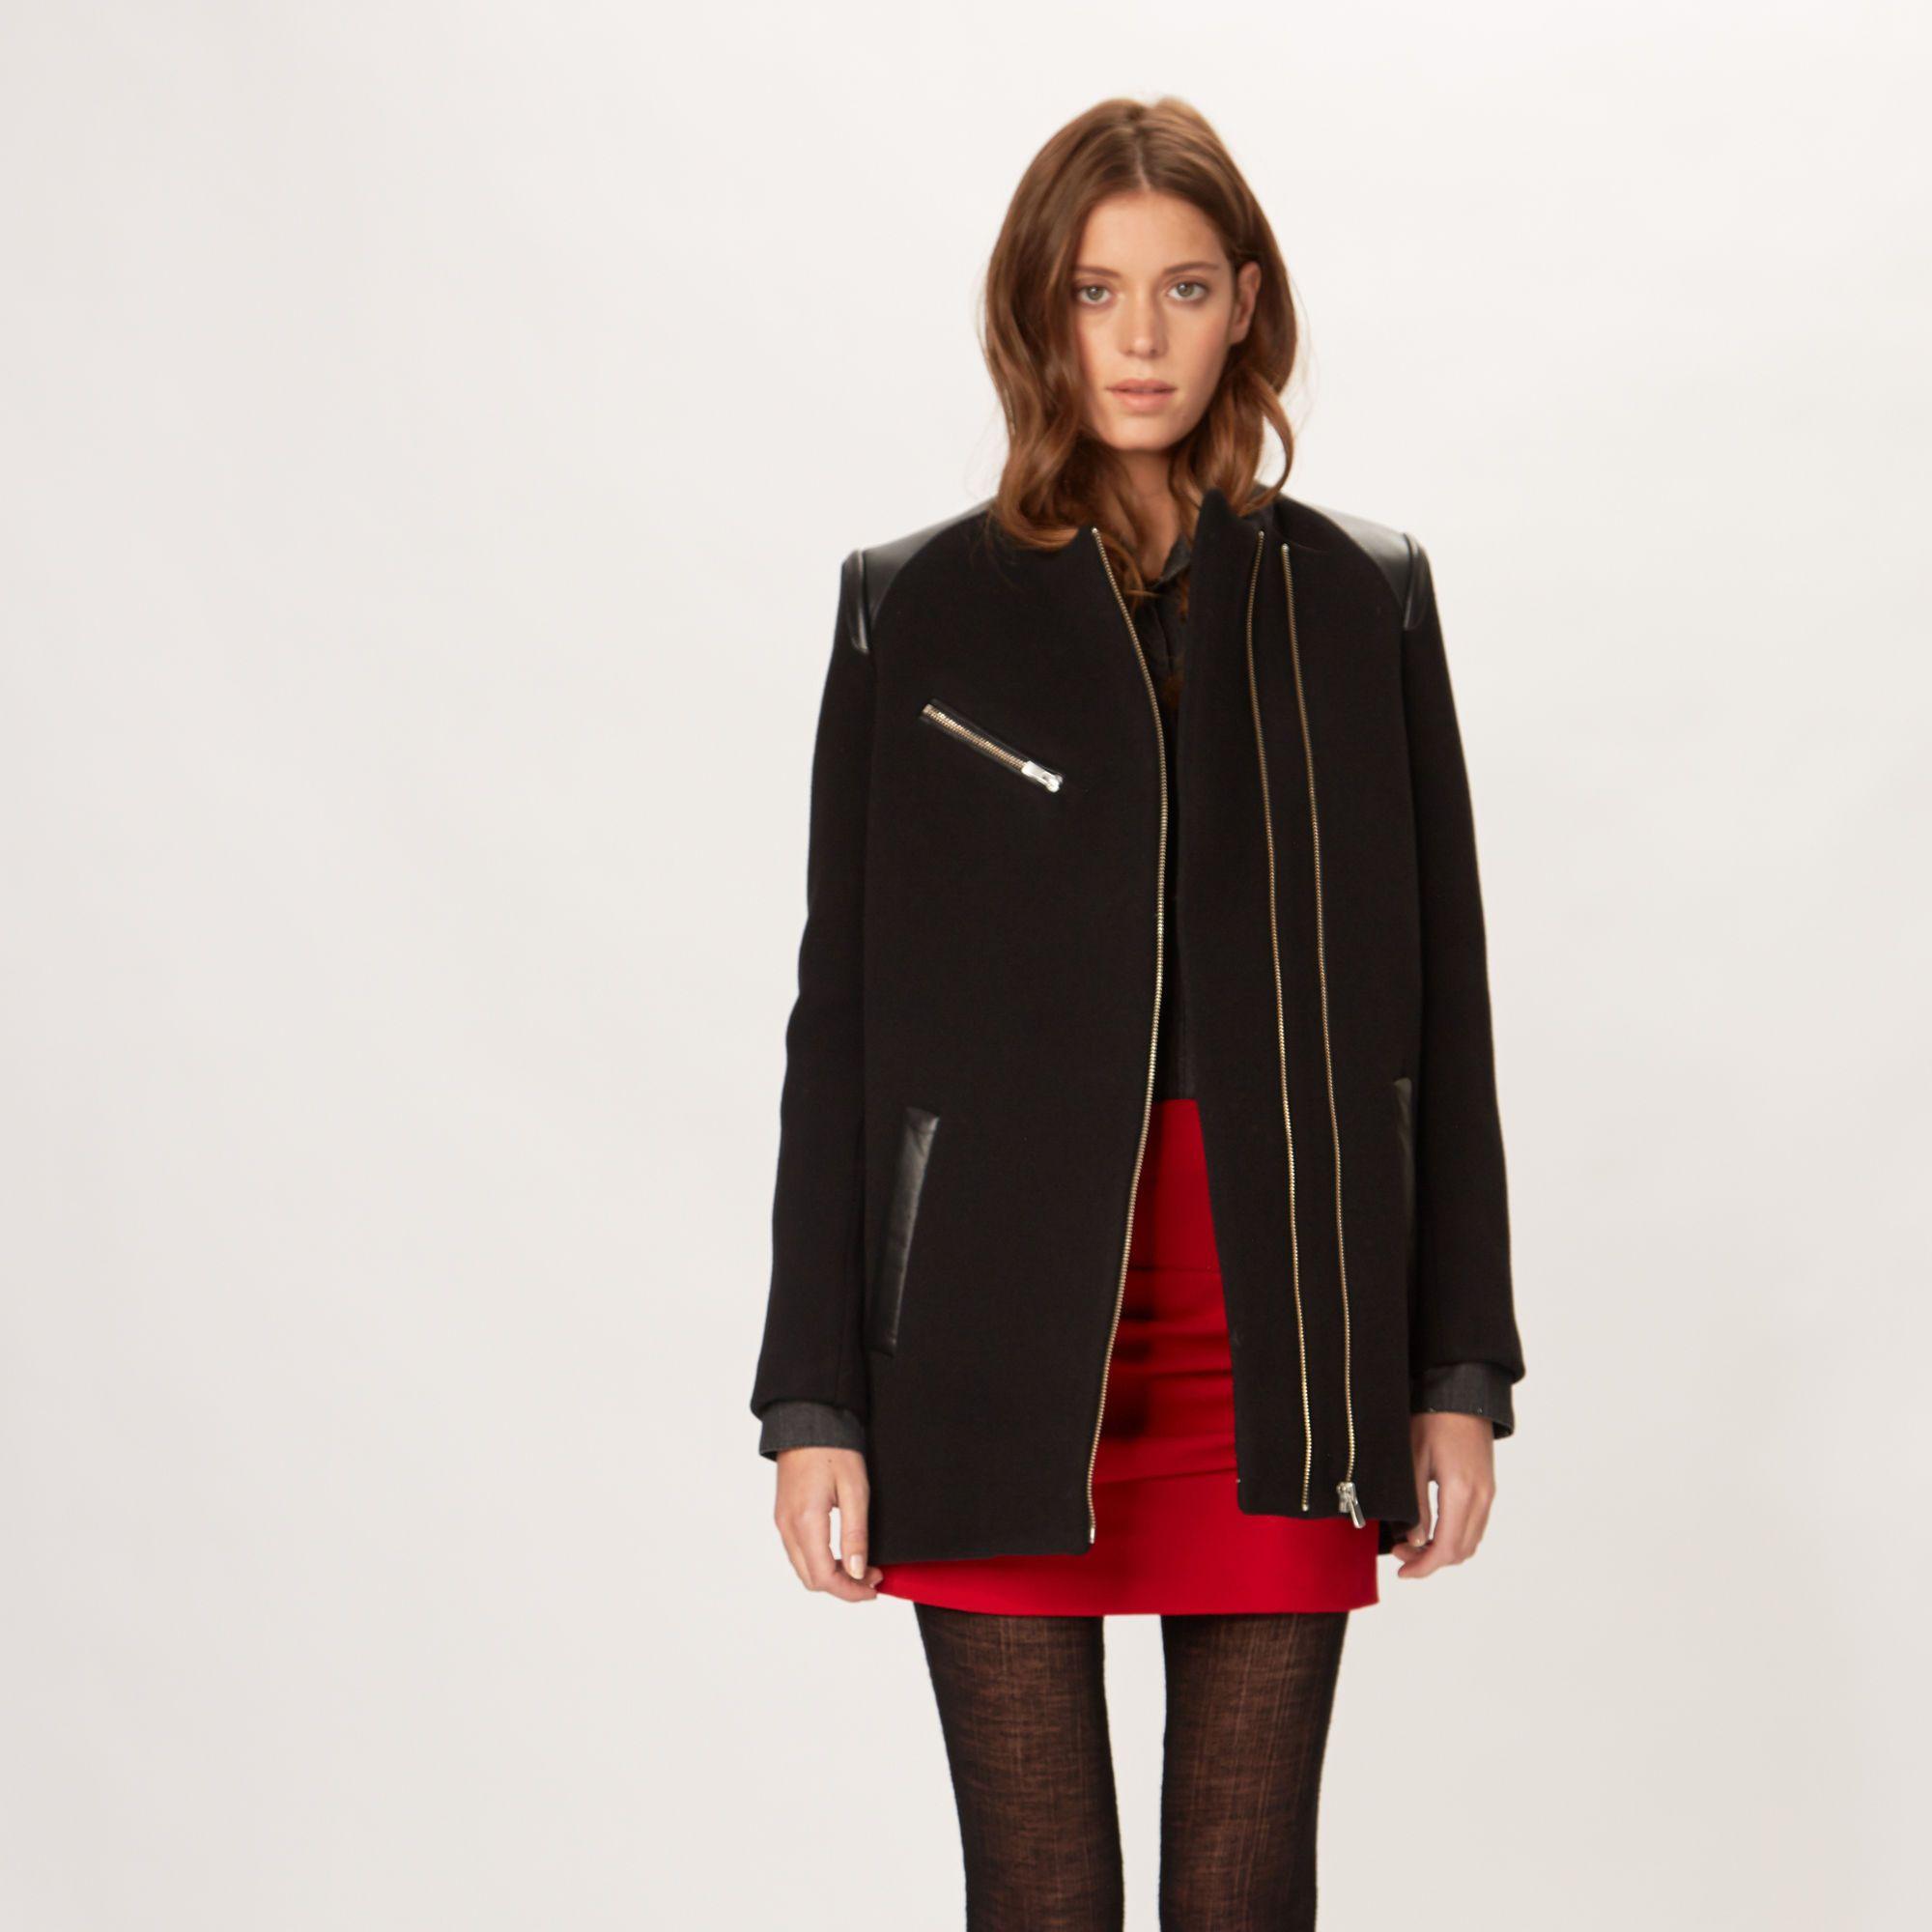 GENKI Manteaux | Blouson, Idées de mode